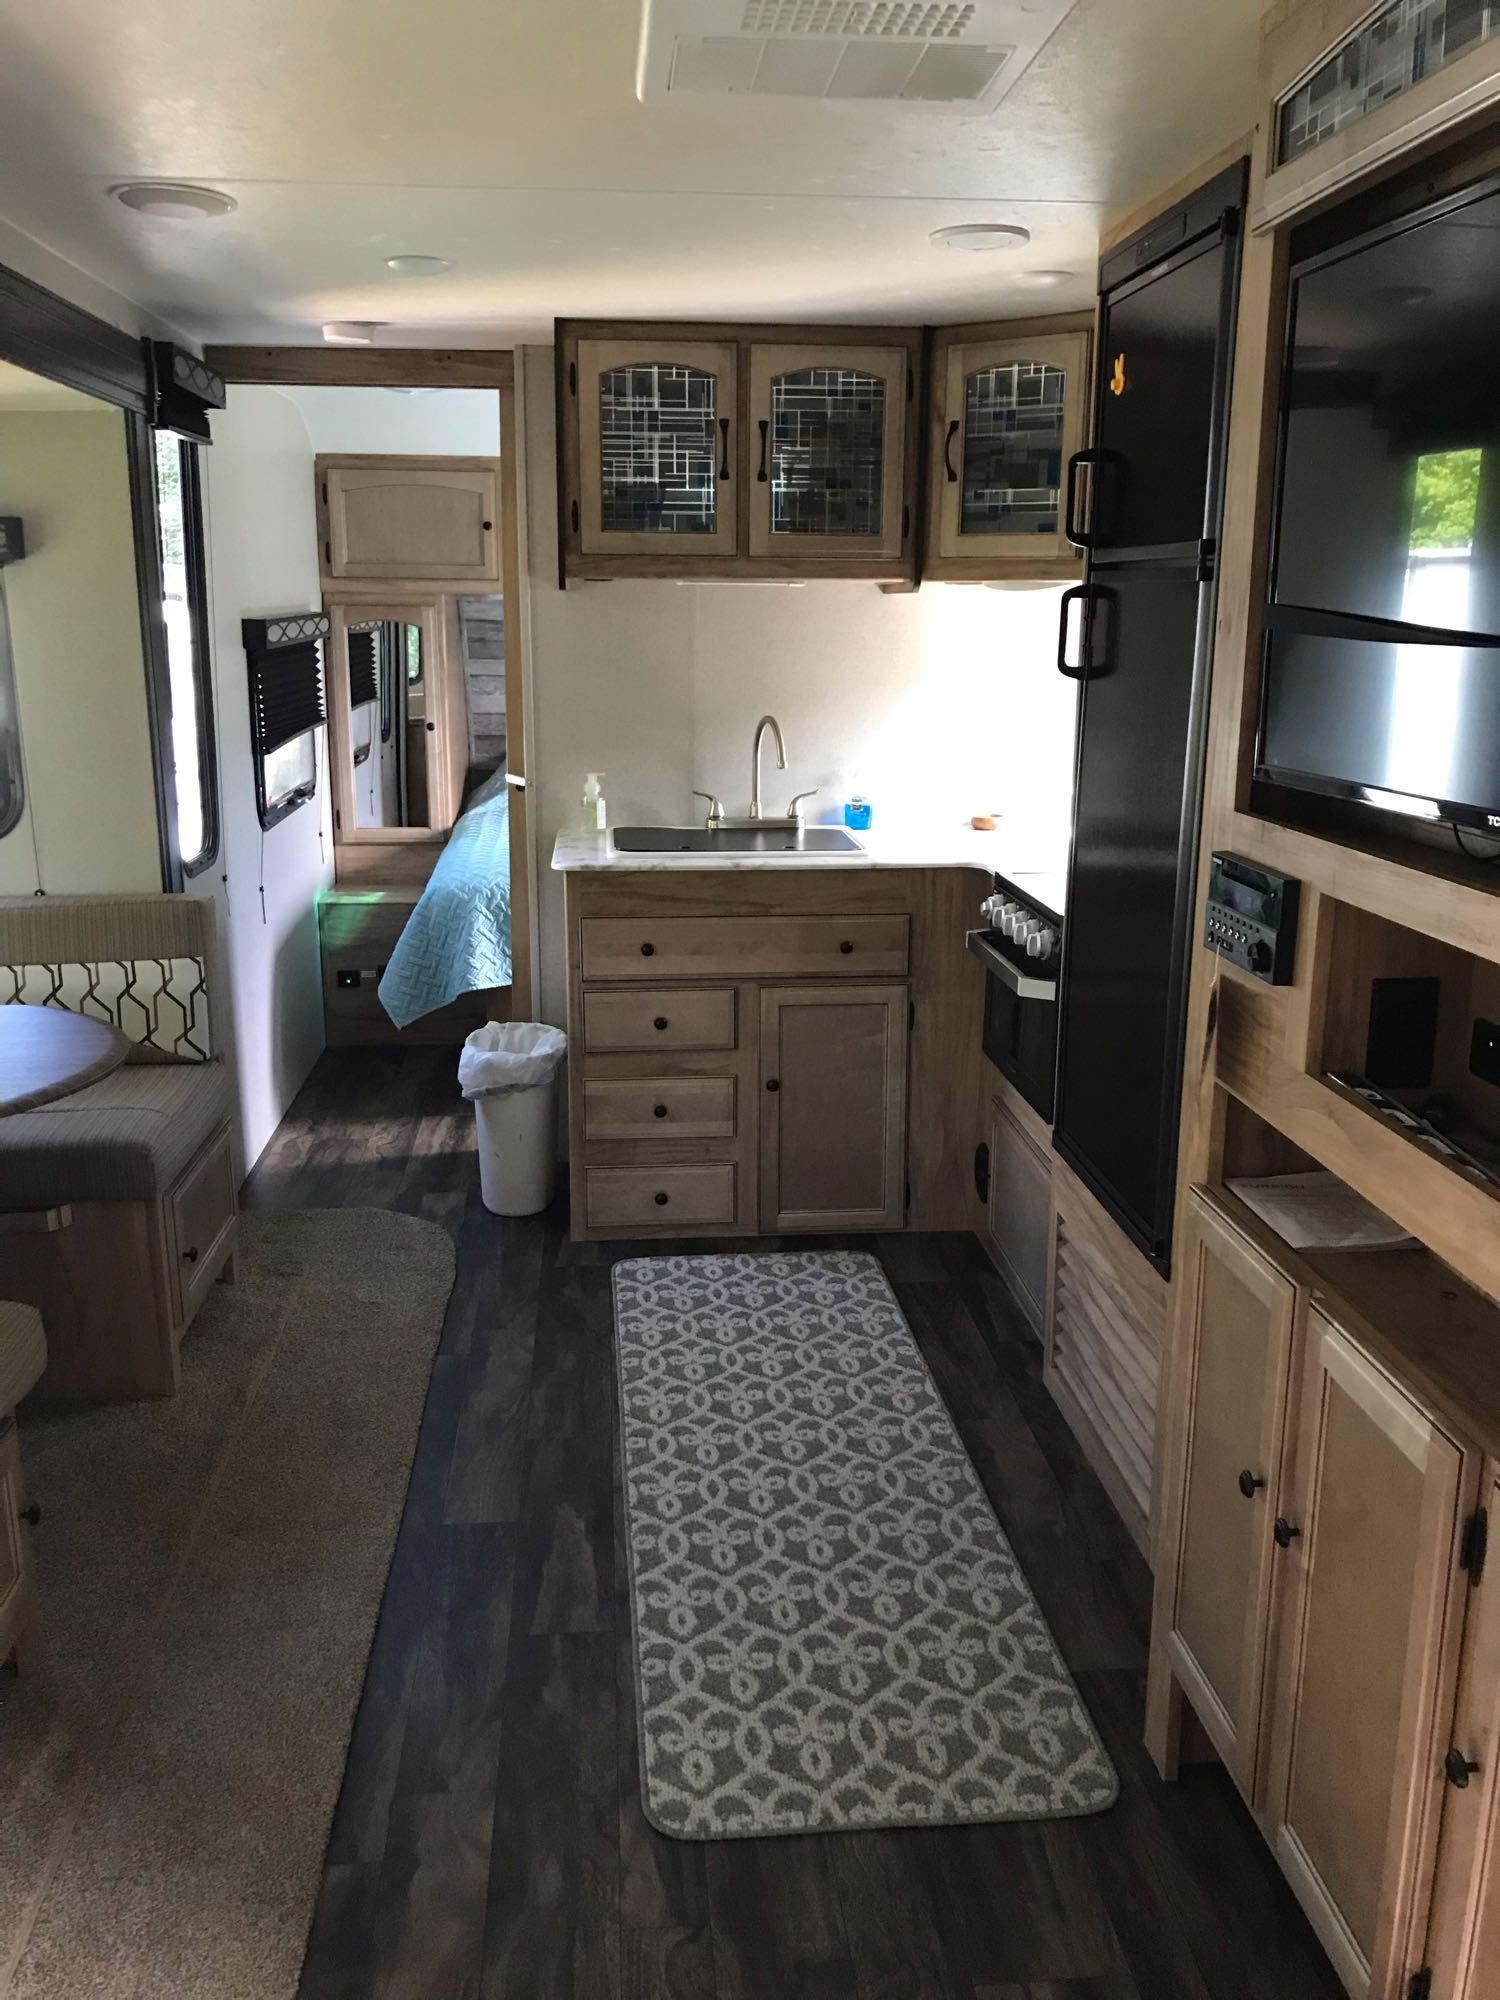 kitchen area. Coachmen Freedom Express 2019